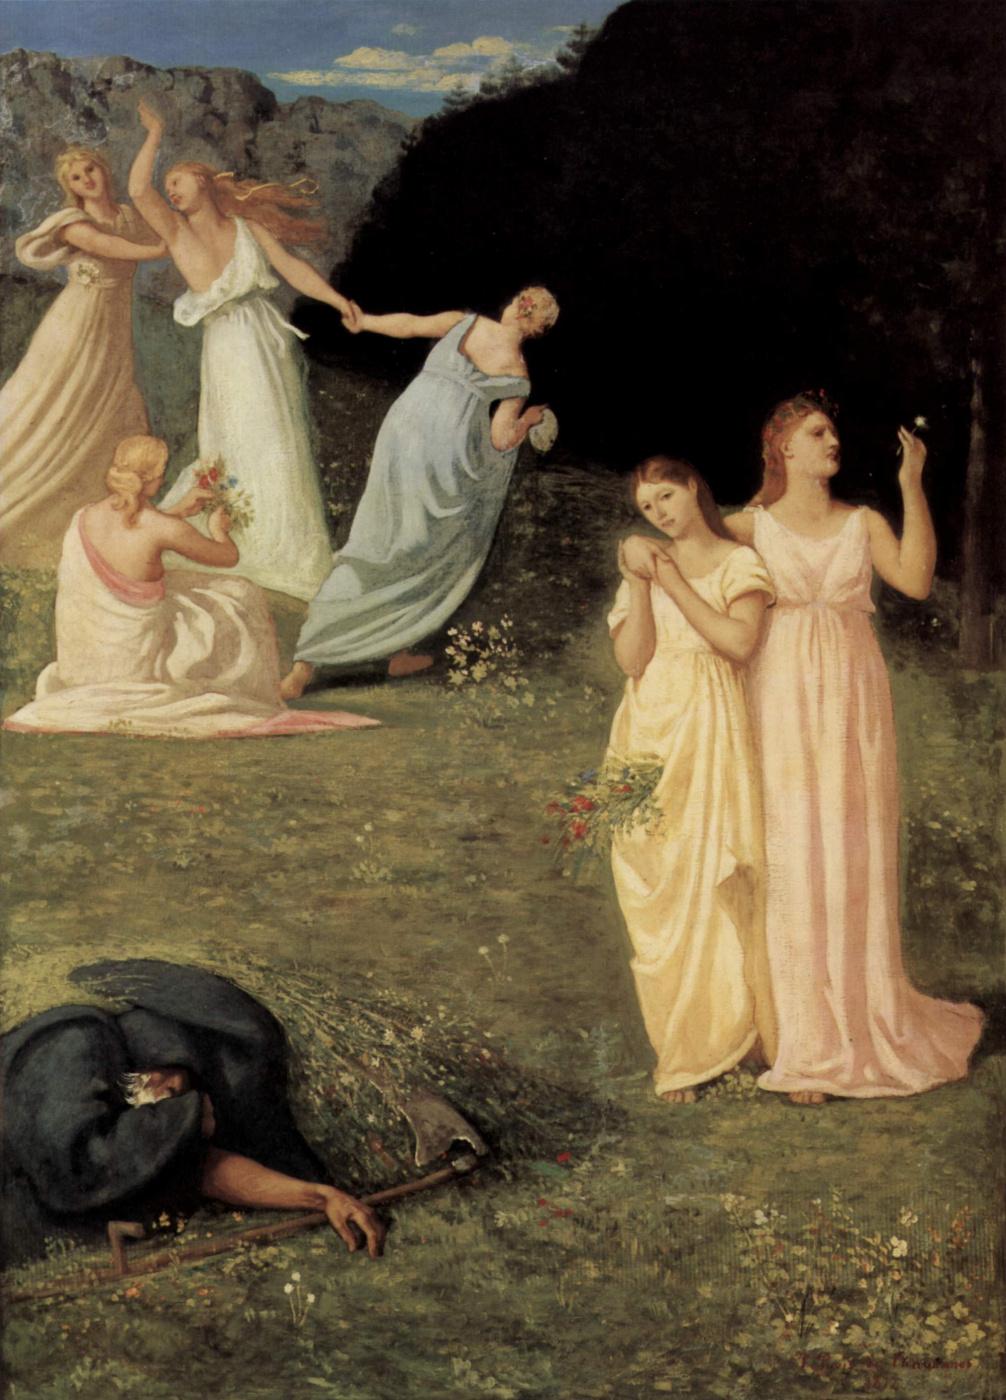 Pierre Cecil Puvi de Chavannes. Death and girl